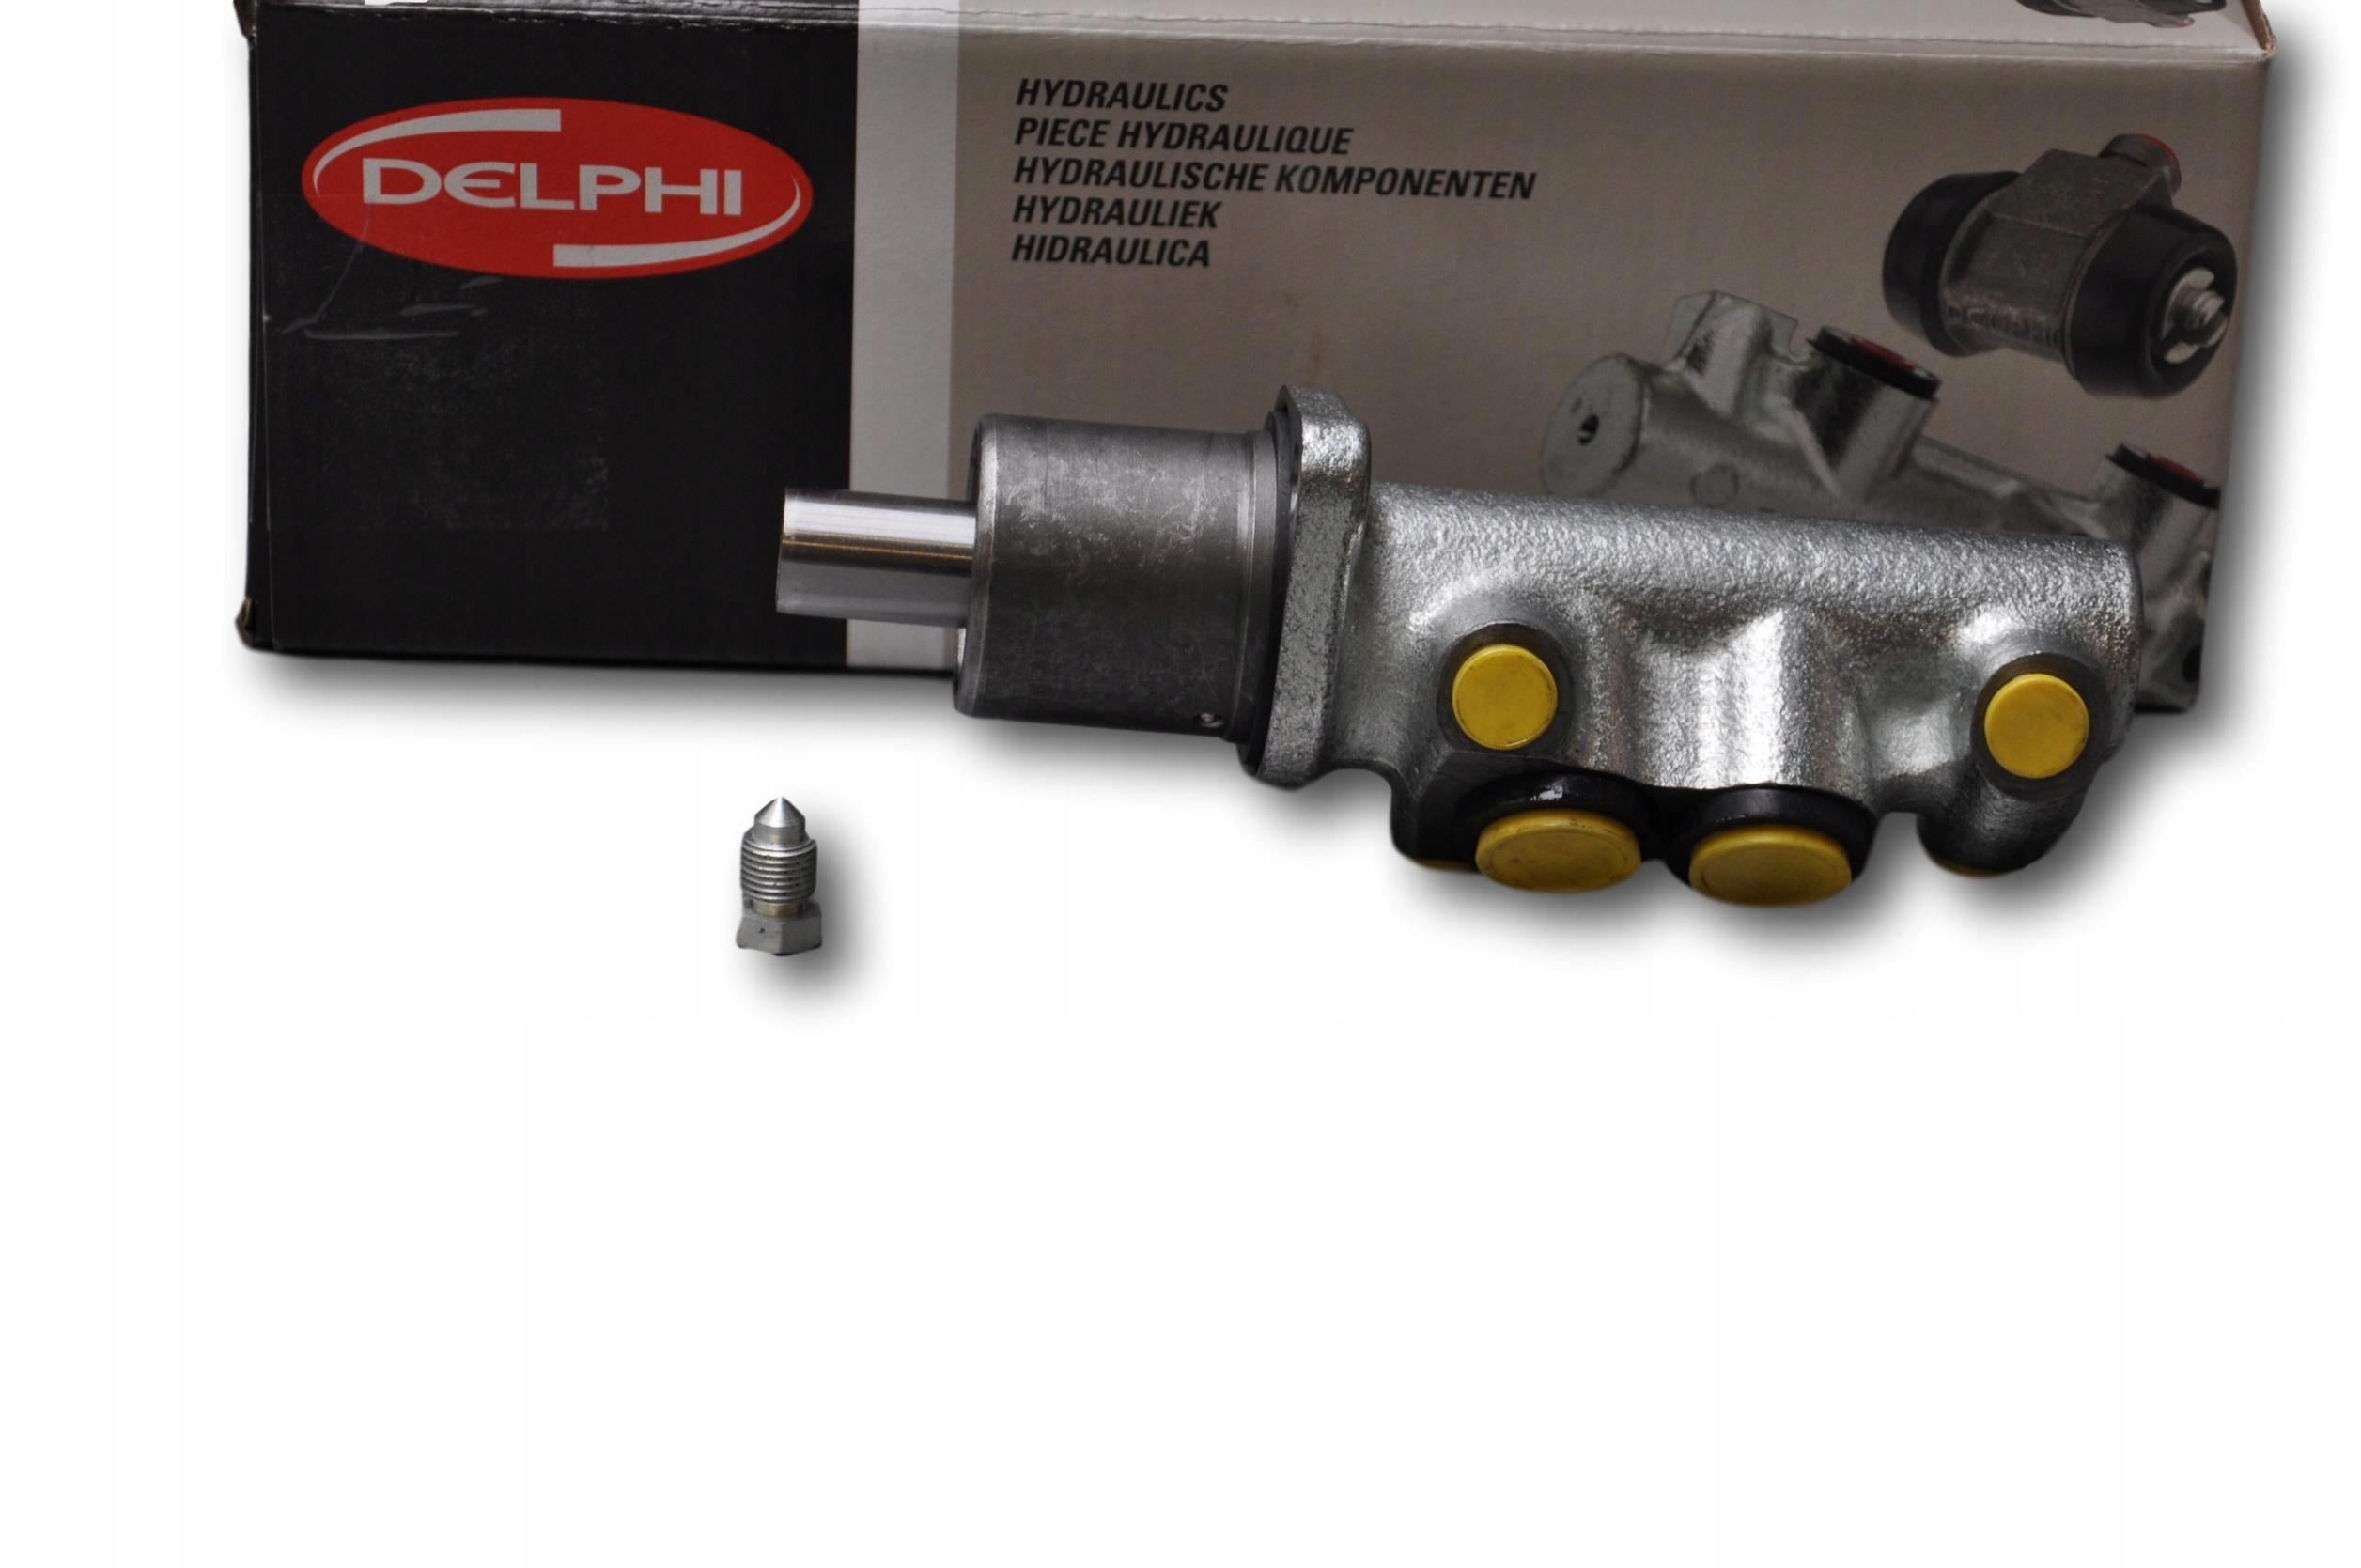 delphi насос тормозной цилиндр volvo s60 s80 v70 xc70 98-1